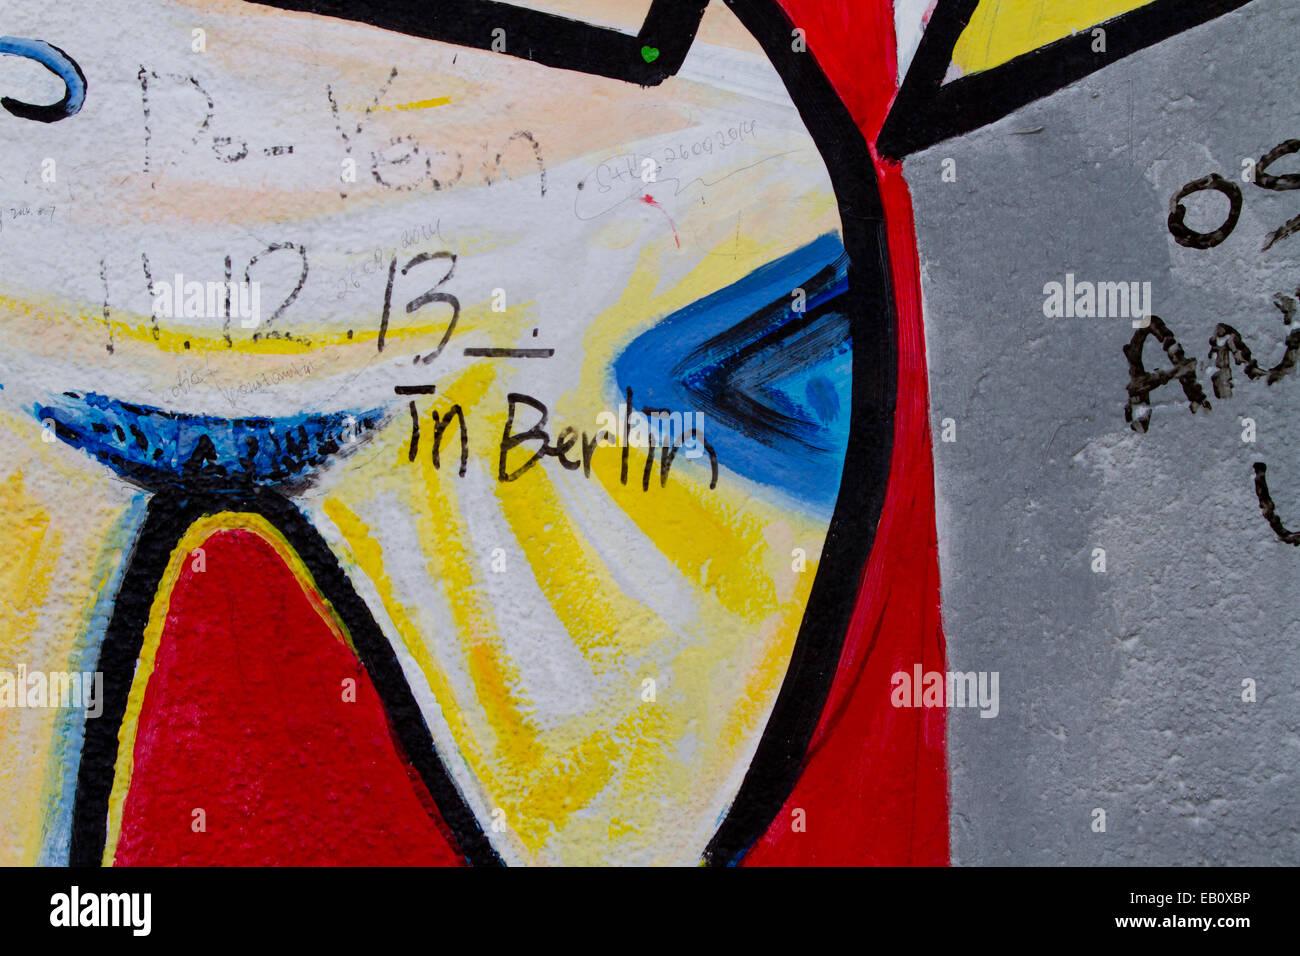 Berlin Wall Cartoon Graffiti street art Berlin Tag Stock Photo ...